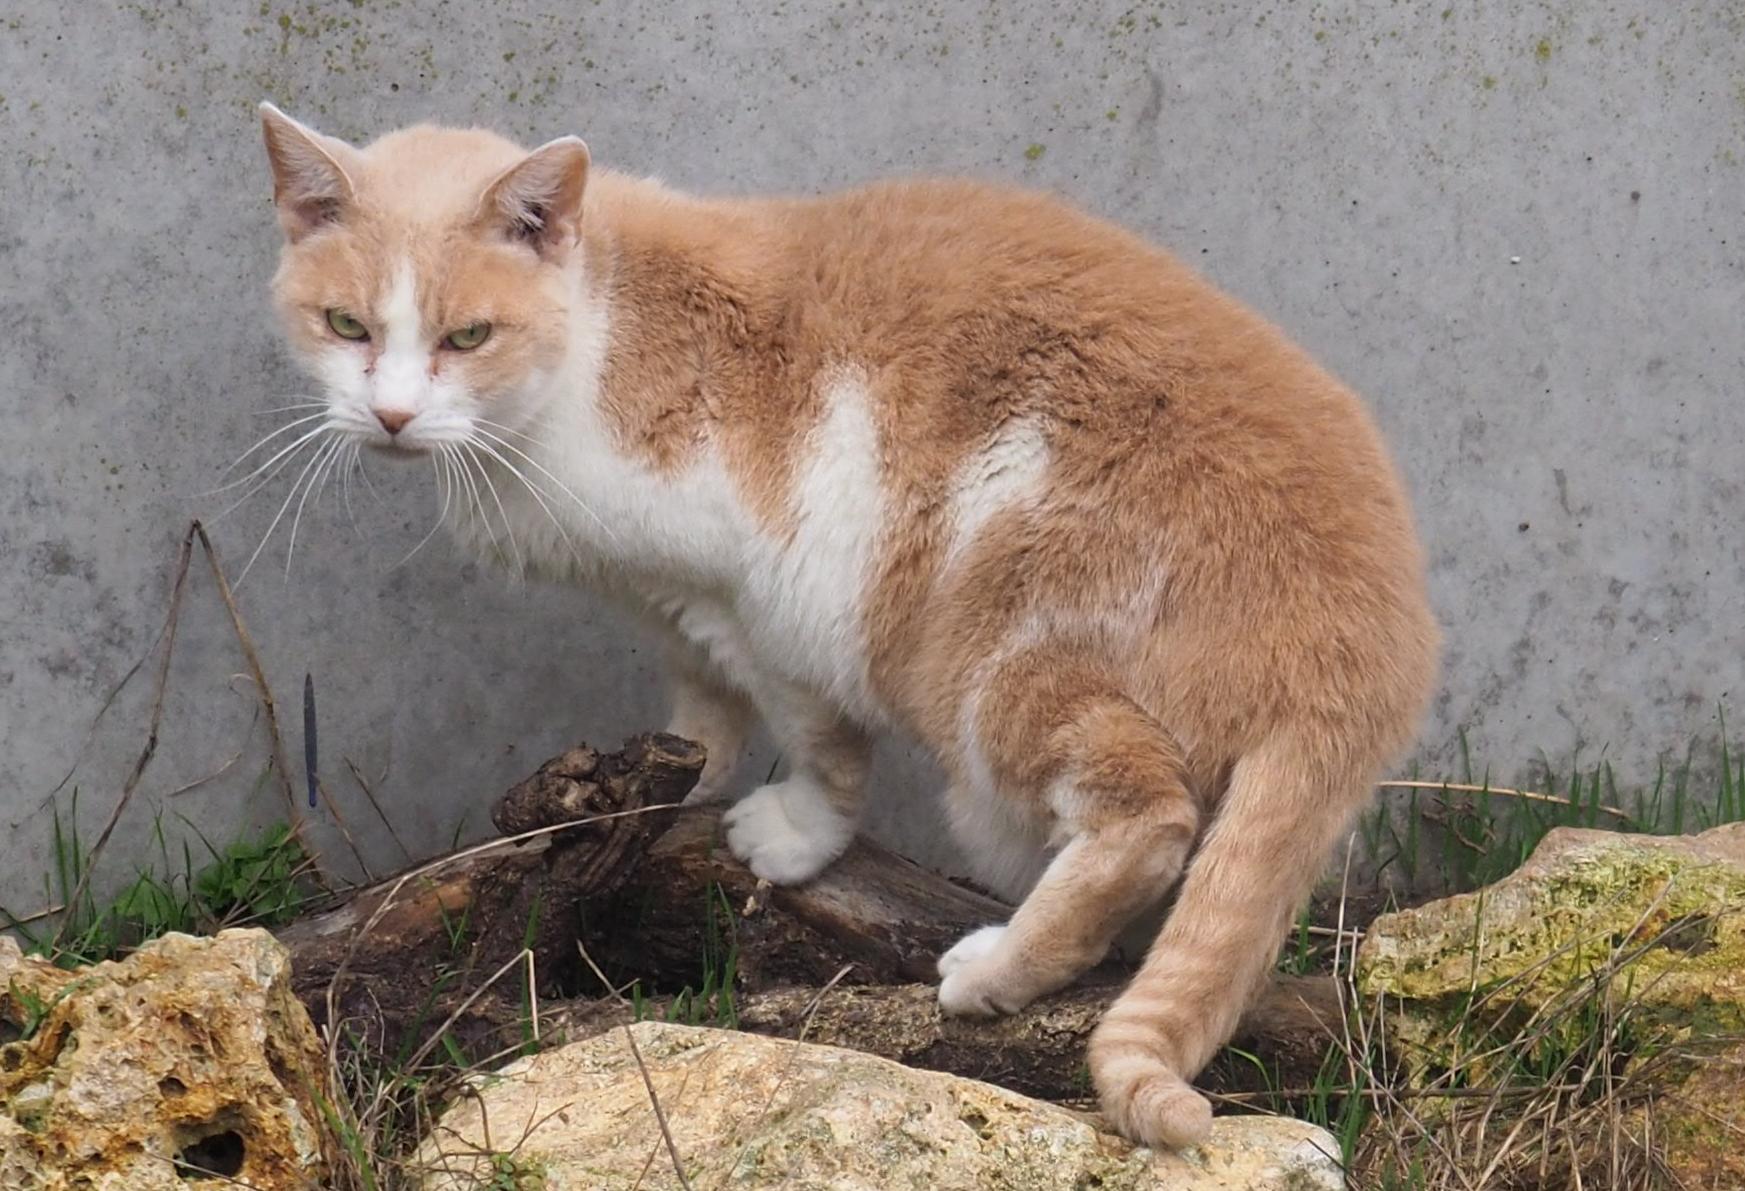 Recherche en urgence familles d'accueil pour chats craintifs à sauver